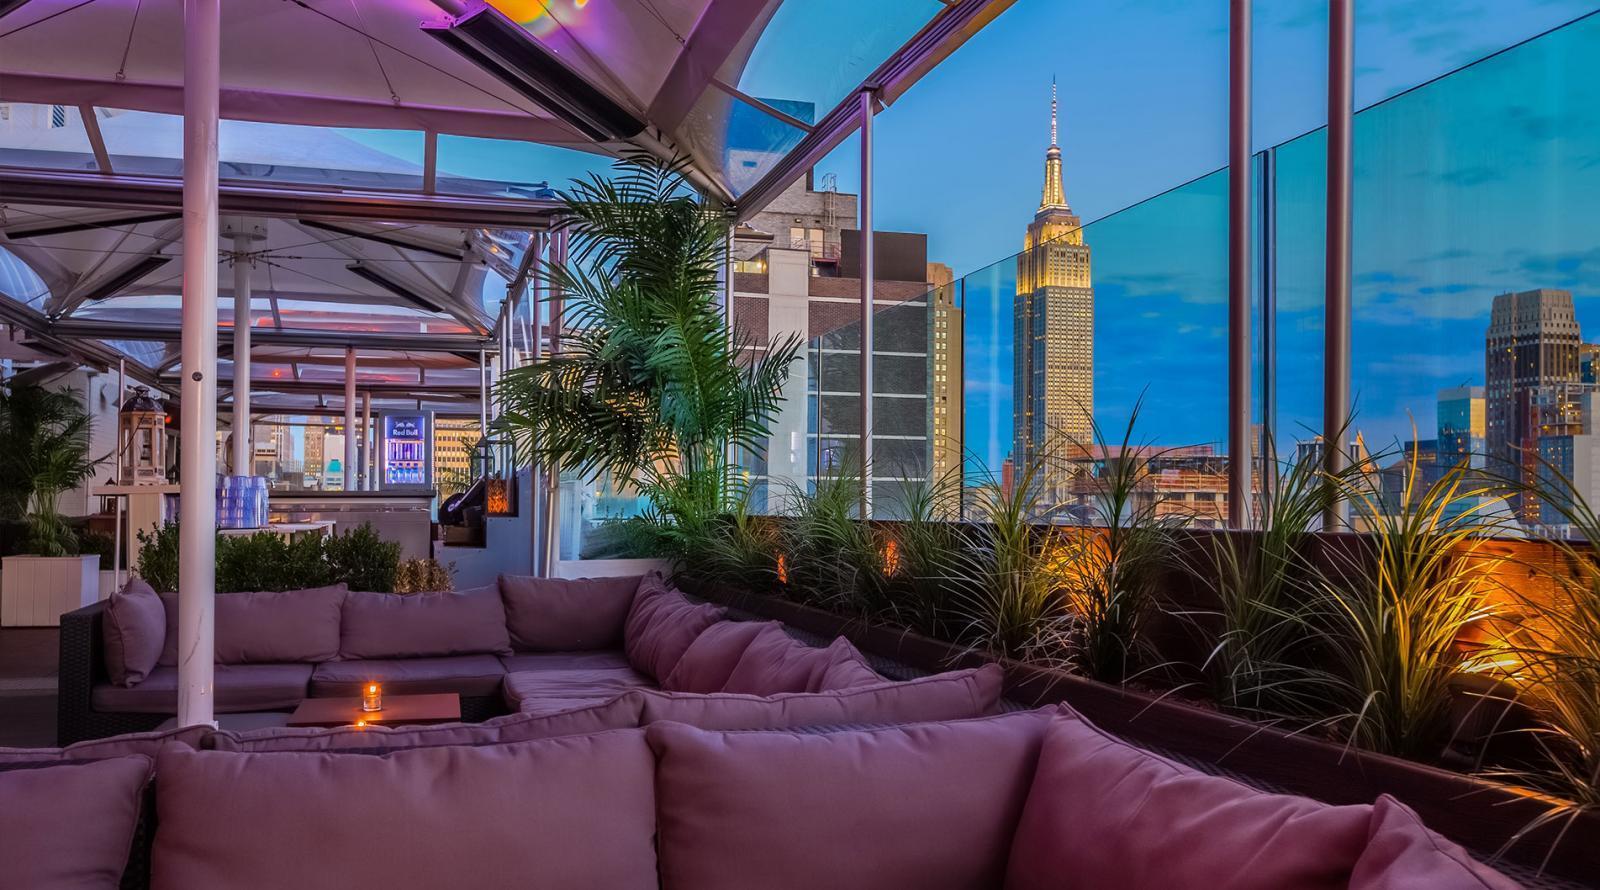 Die 33 besten Rooftop-Bars von New York & Insider-Tipps Juni 2018